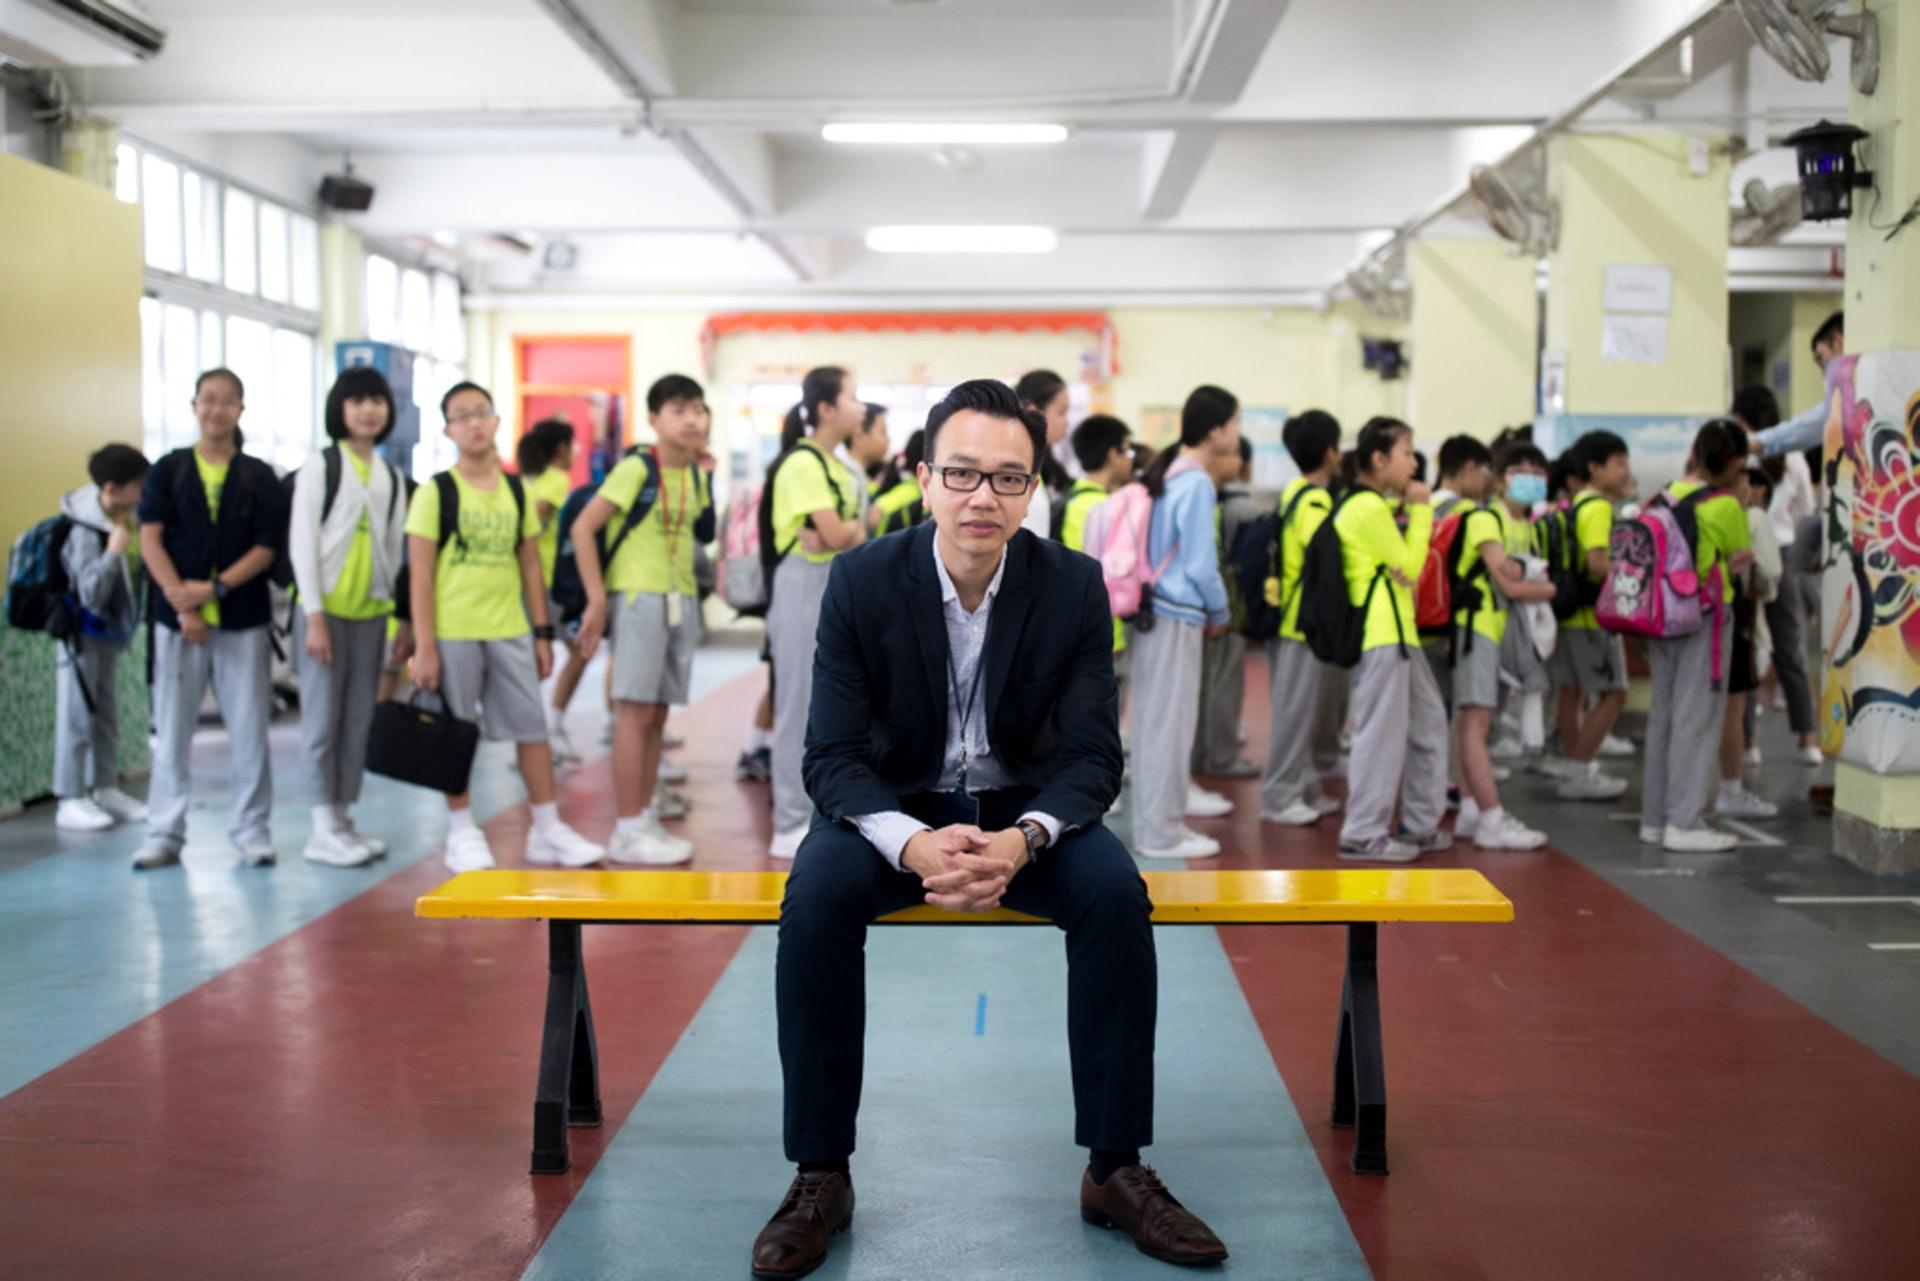 浸信會天虹小學校長朱子穎表示,學校是根據TSA報告,才決定加強學生看圖作文訓練。(余俊亮攝)